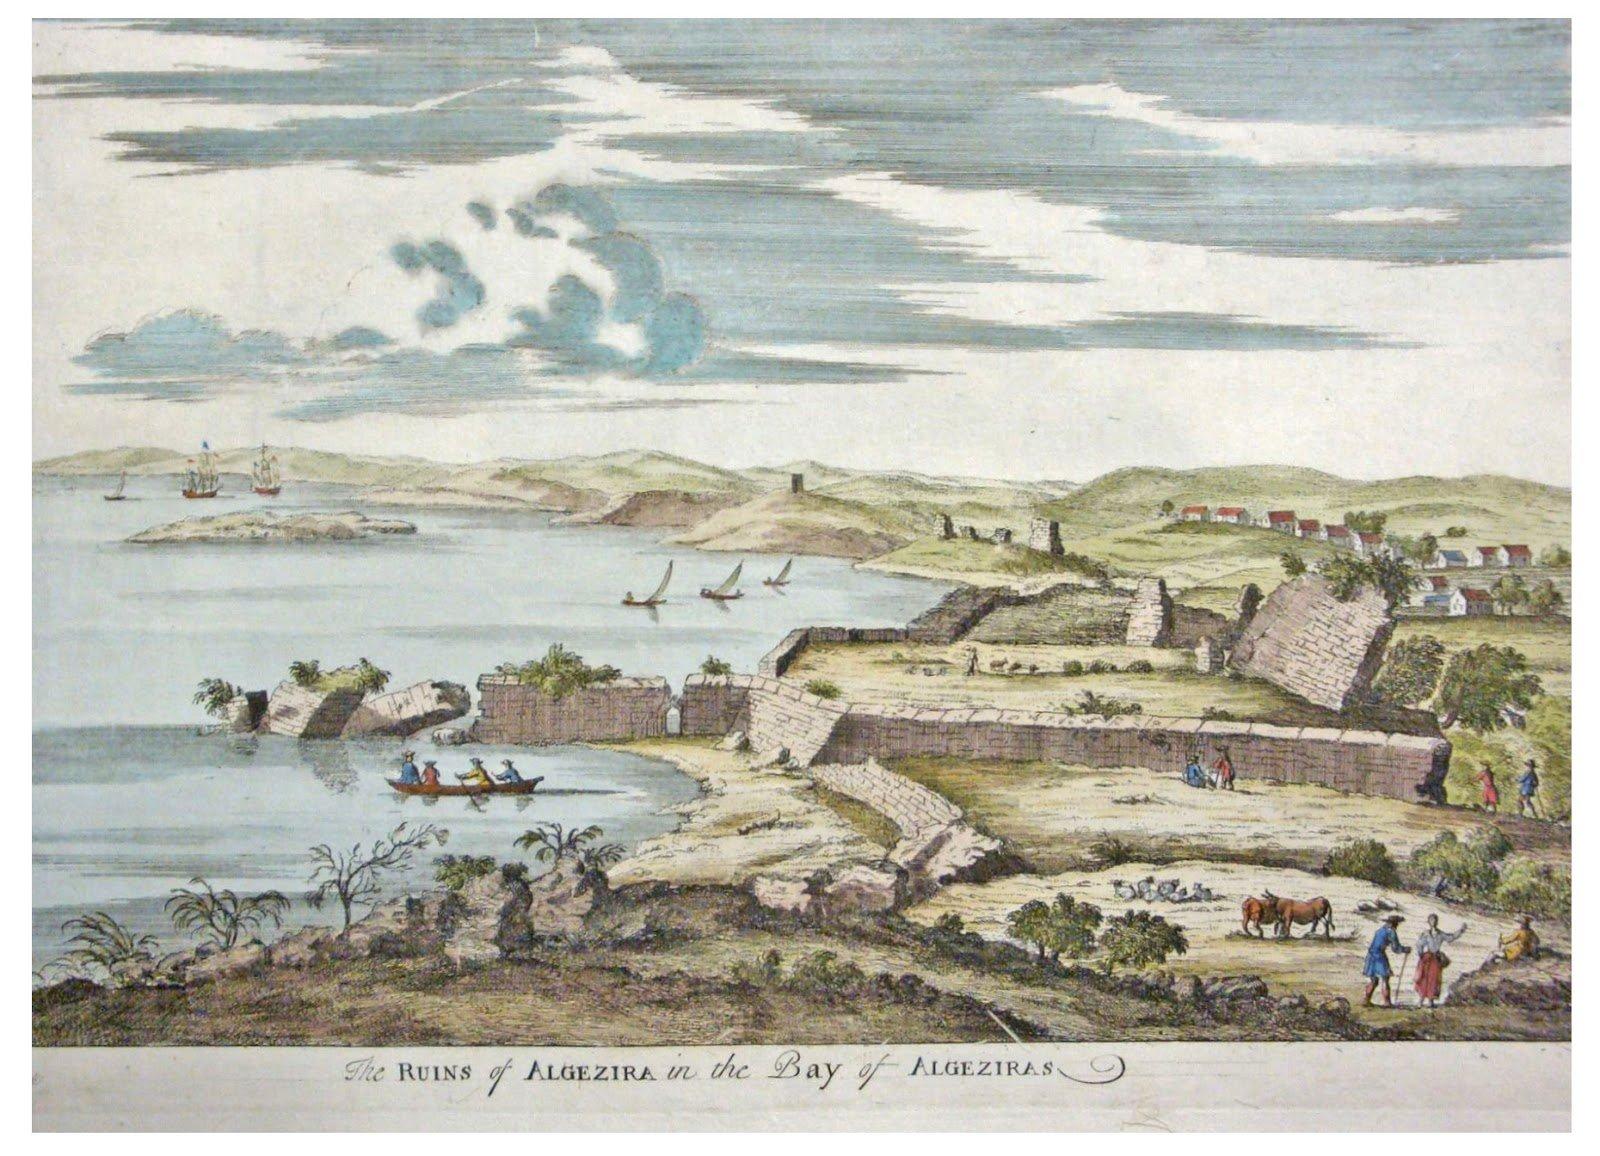 Bahía de Algeciras en 1712